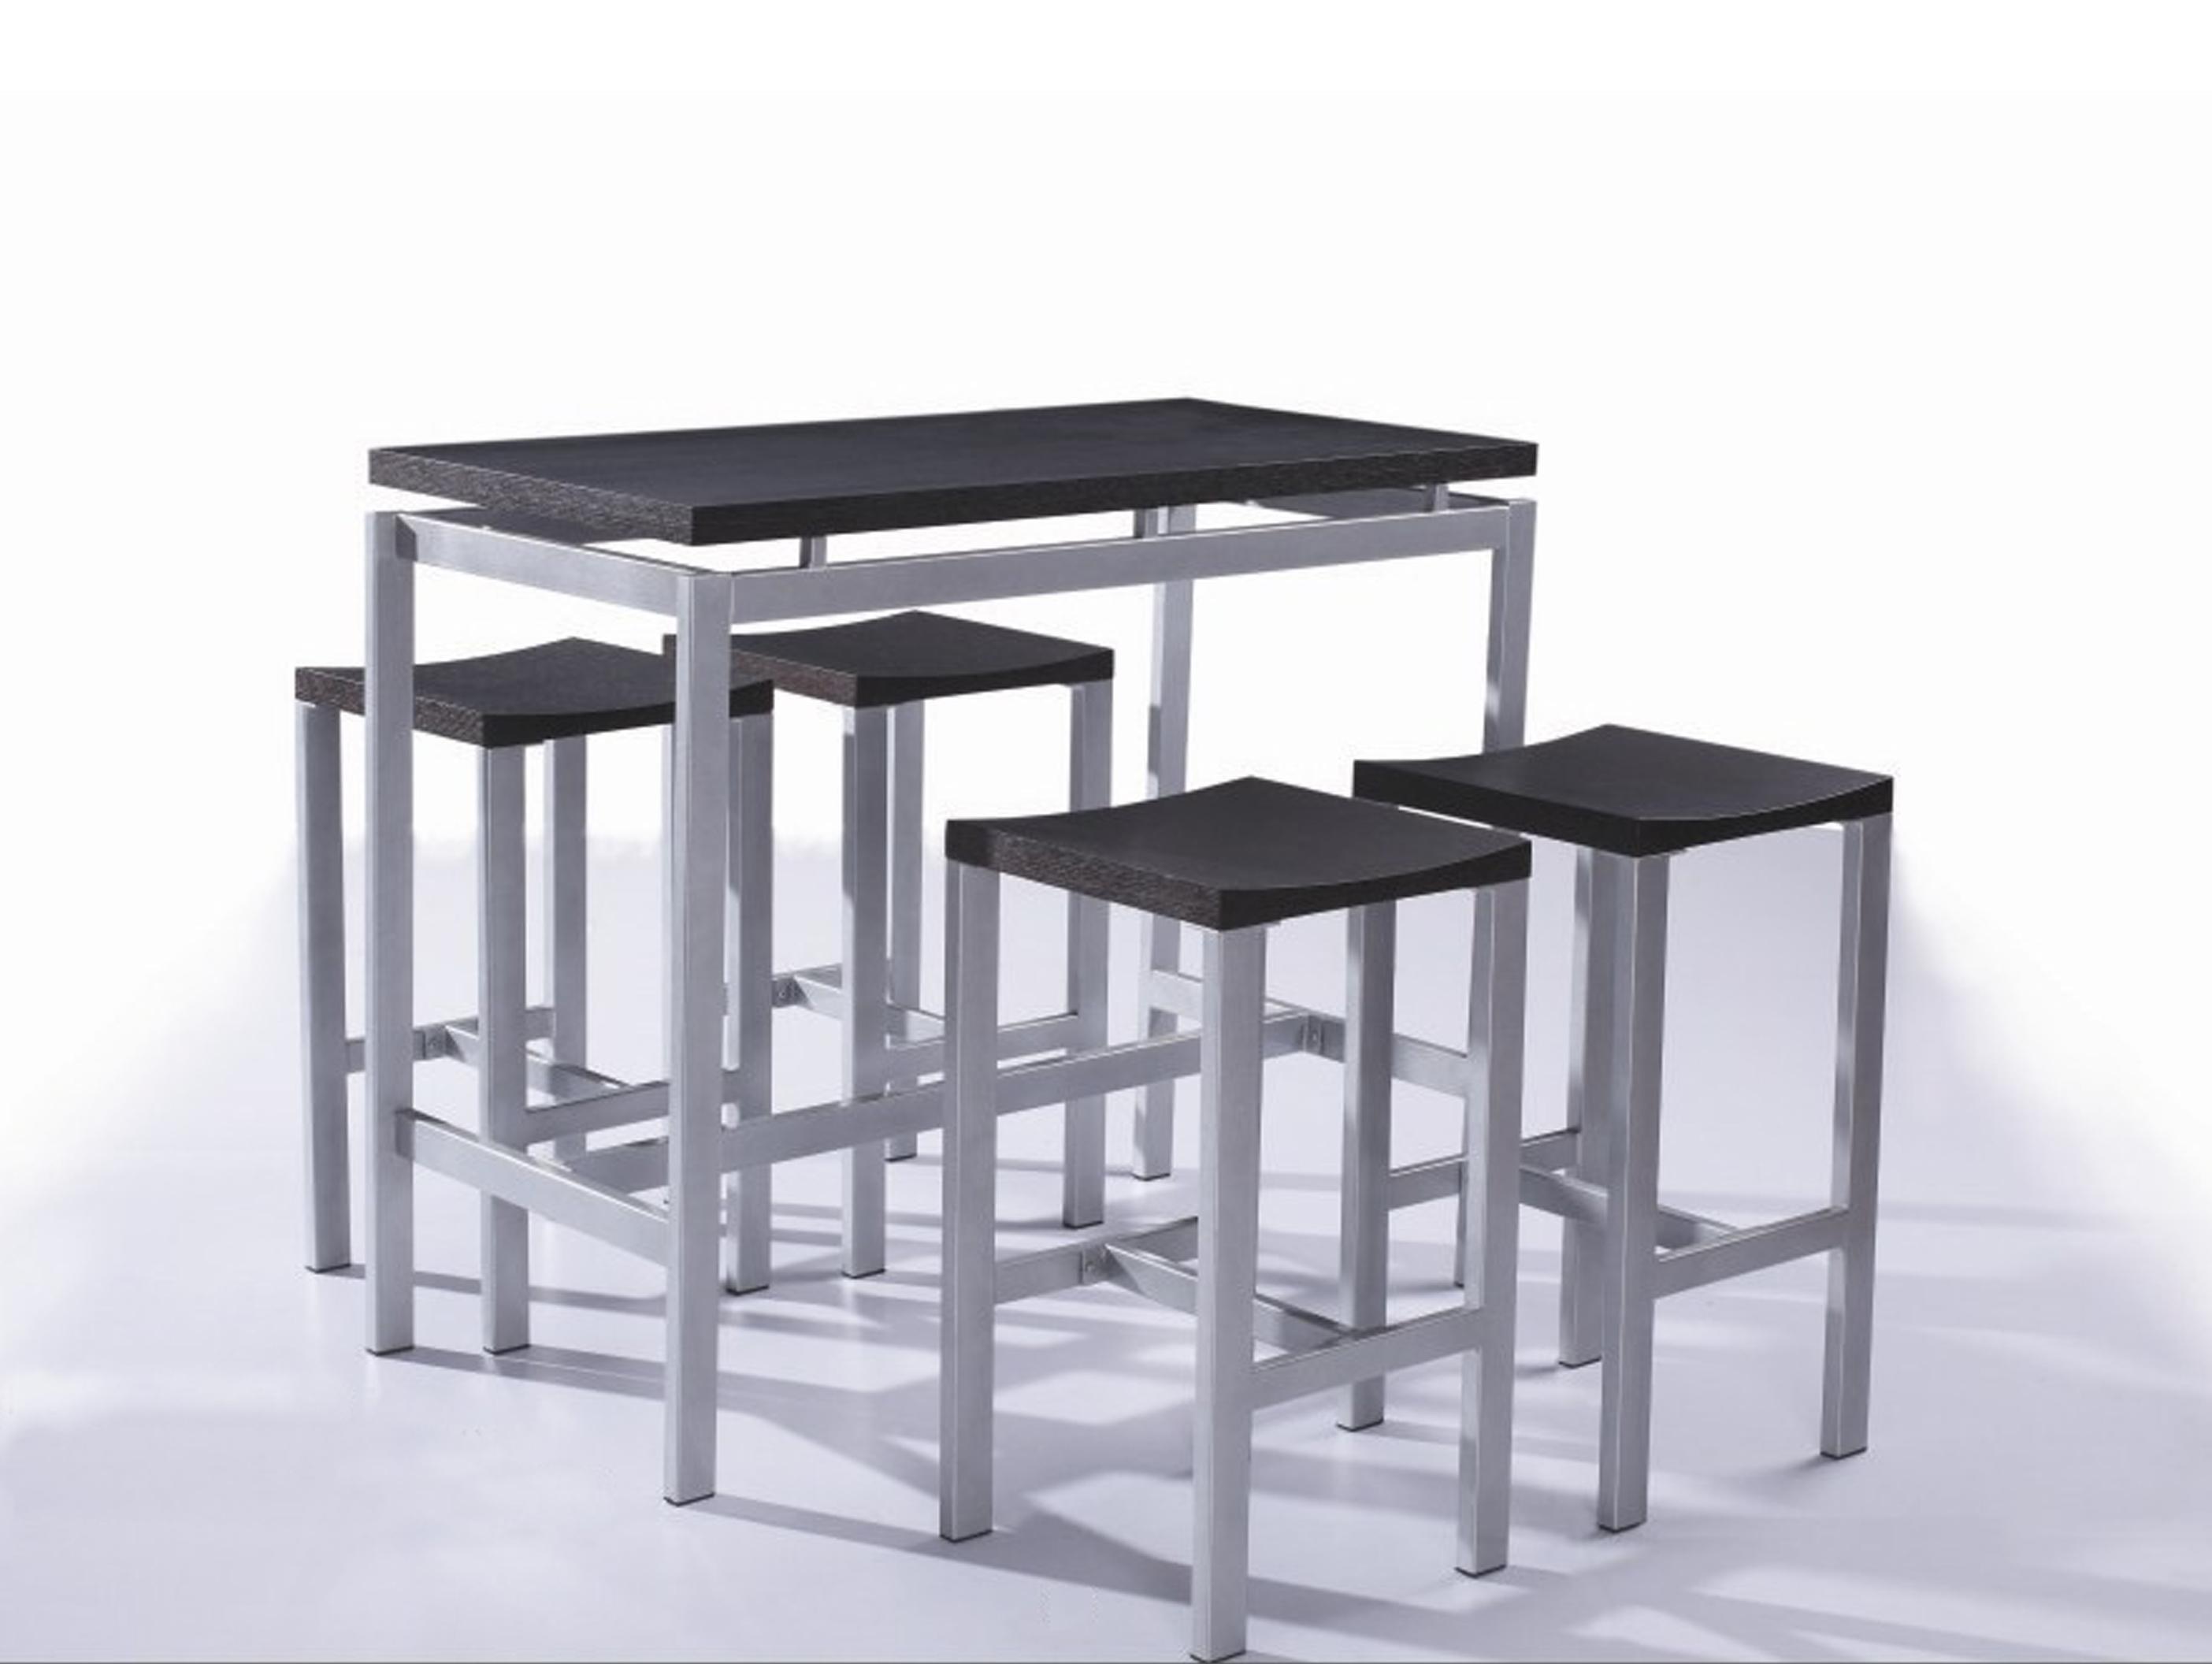 Achat porte cuisine mobilier design d coration d 39 int rieur for Achat mobilier design